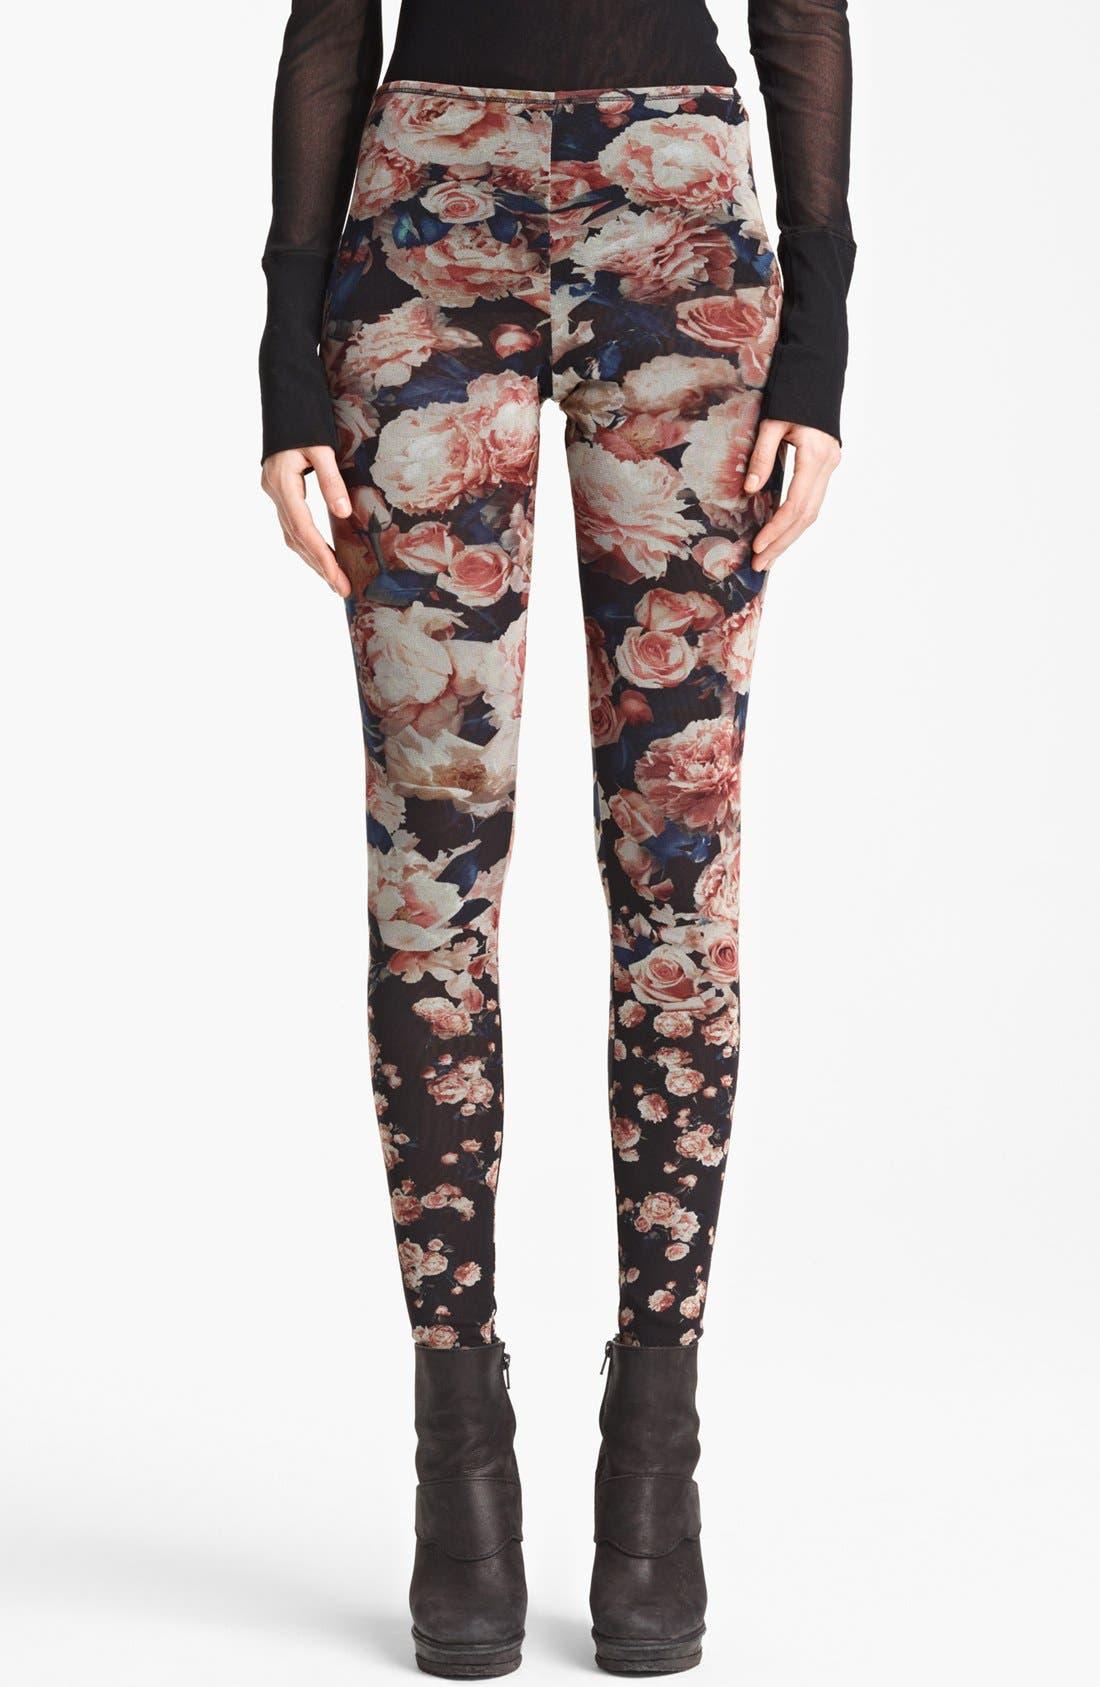 Main Image - Jean Paul Gaultier Fuzzi Rose Print Leggings